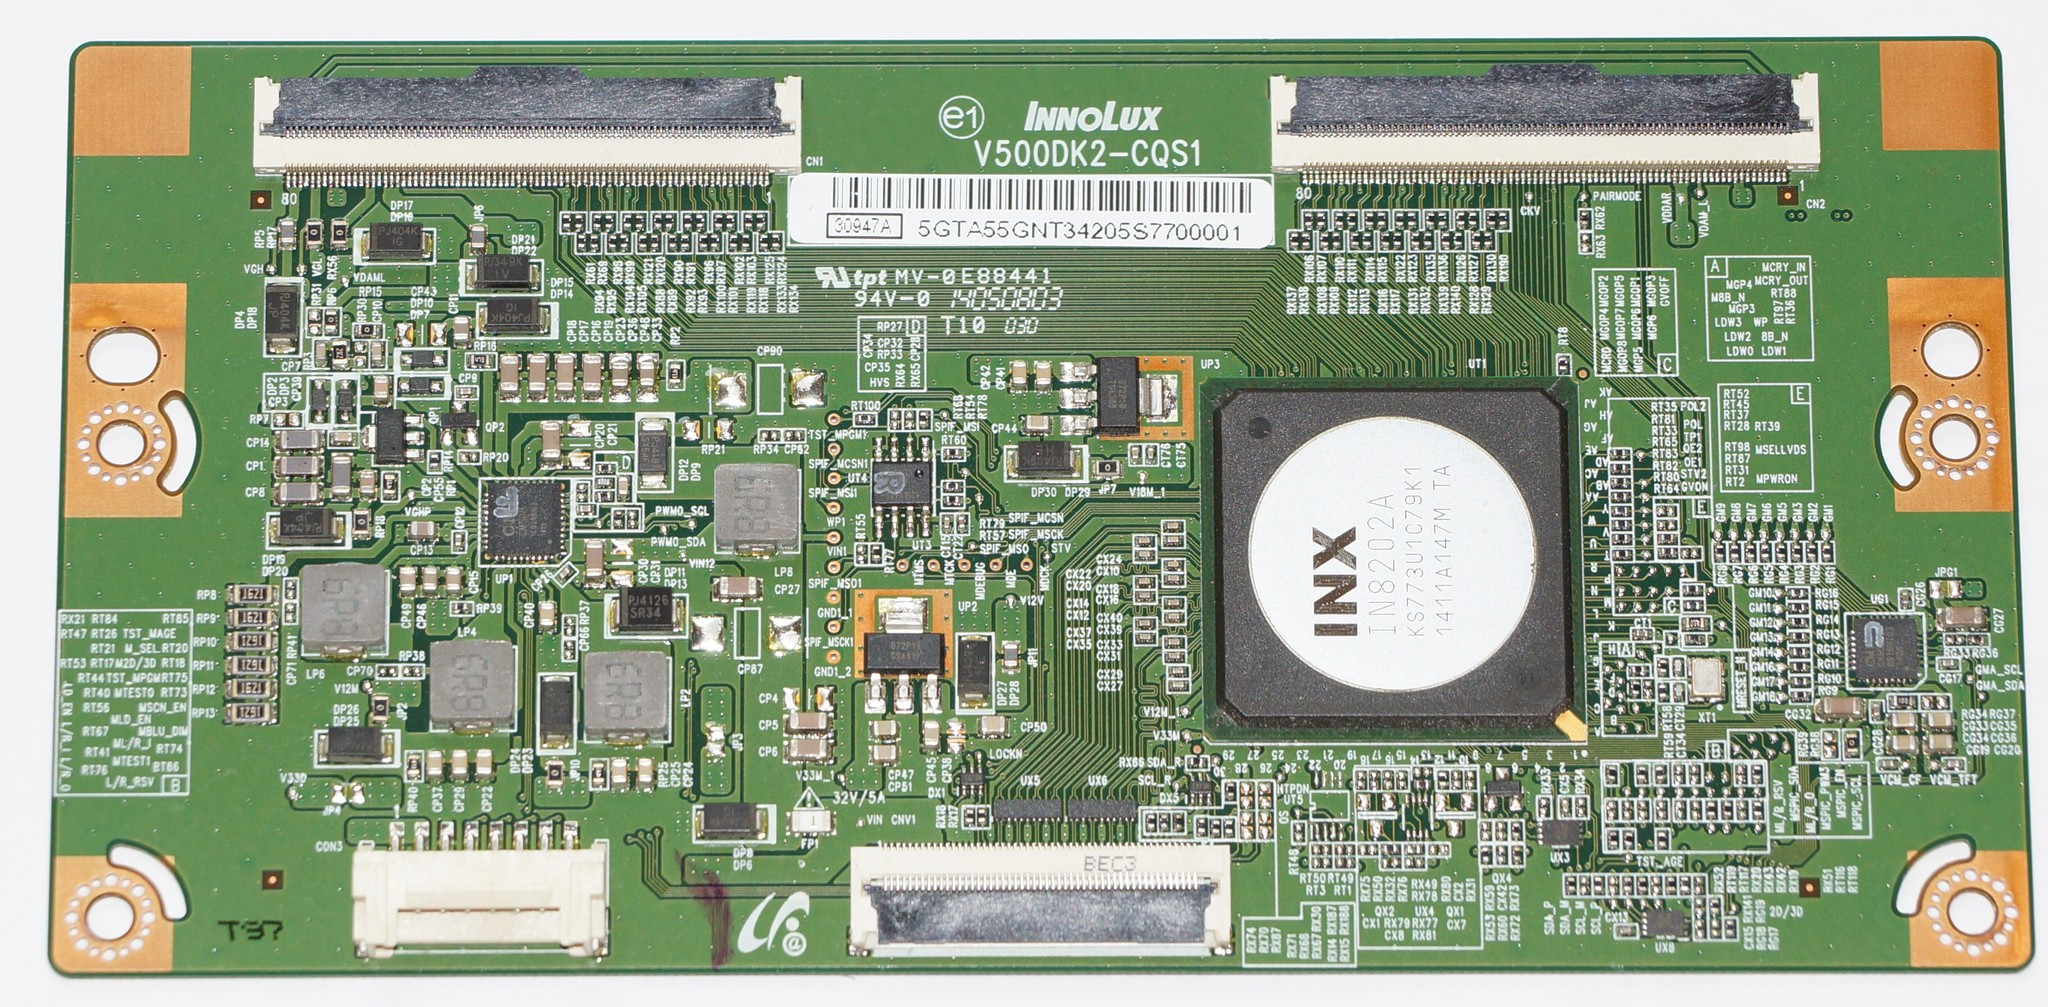 V500DK2-CQS1